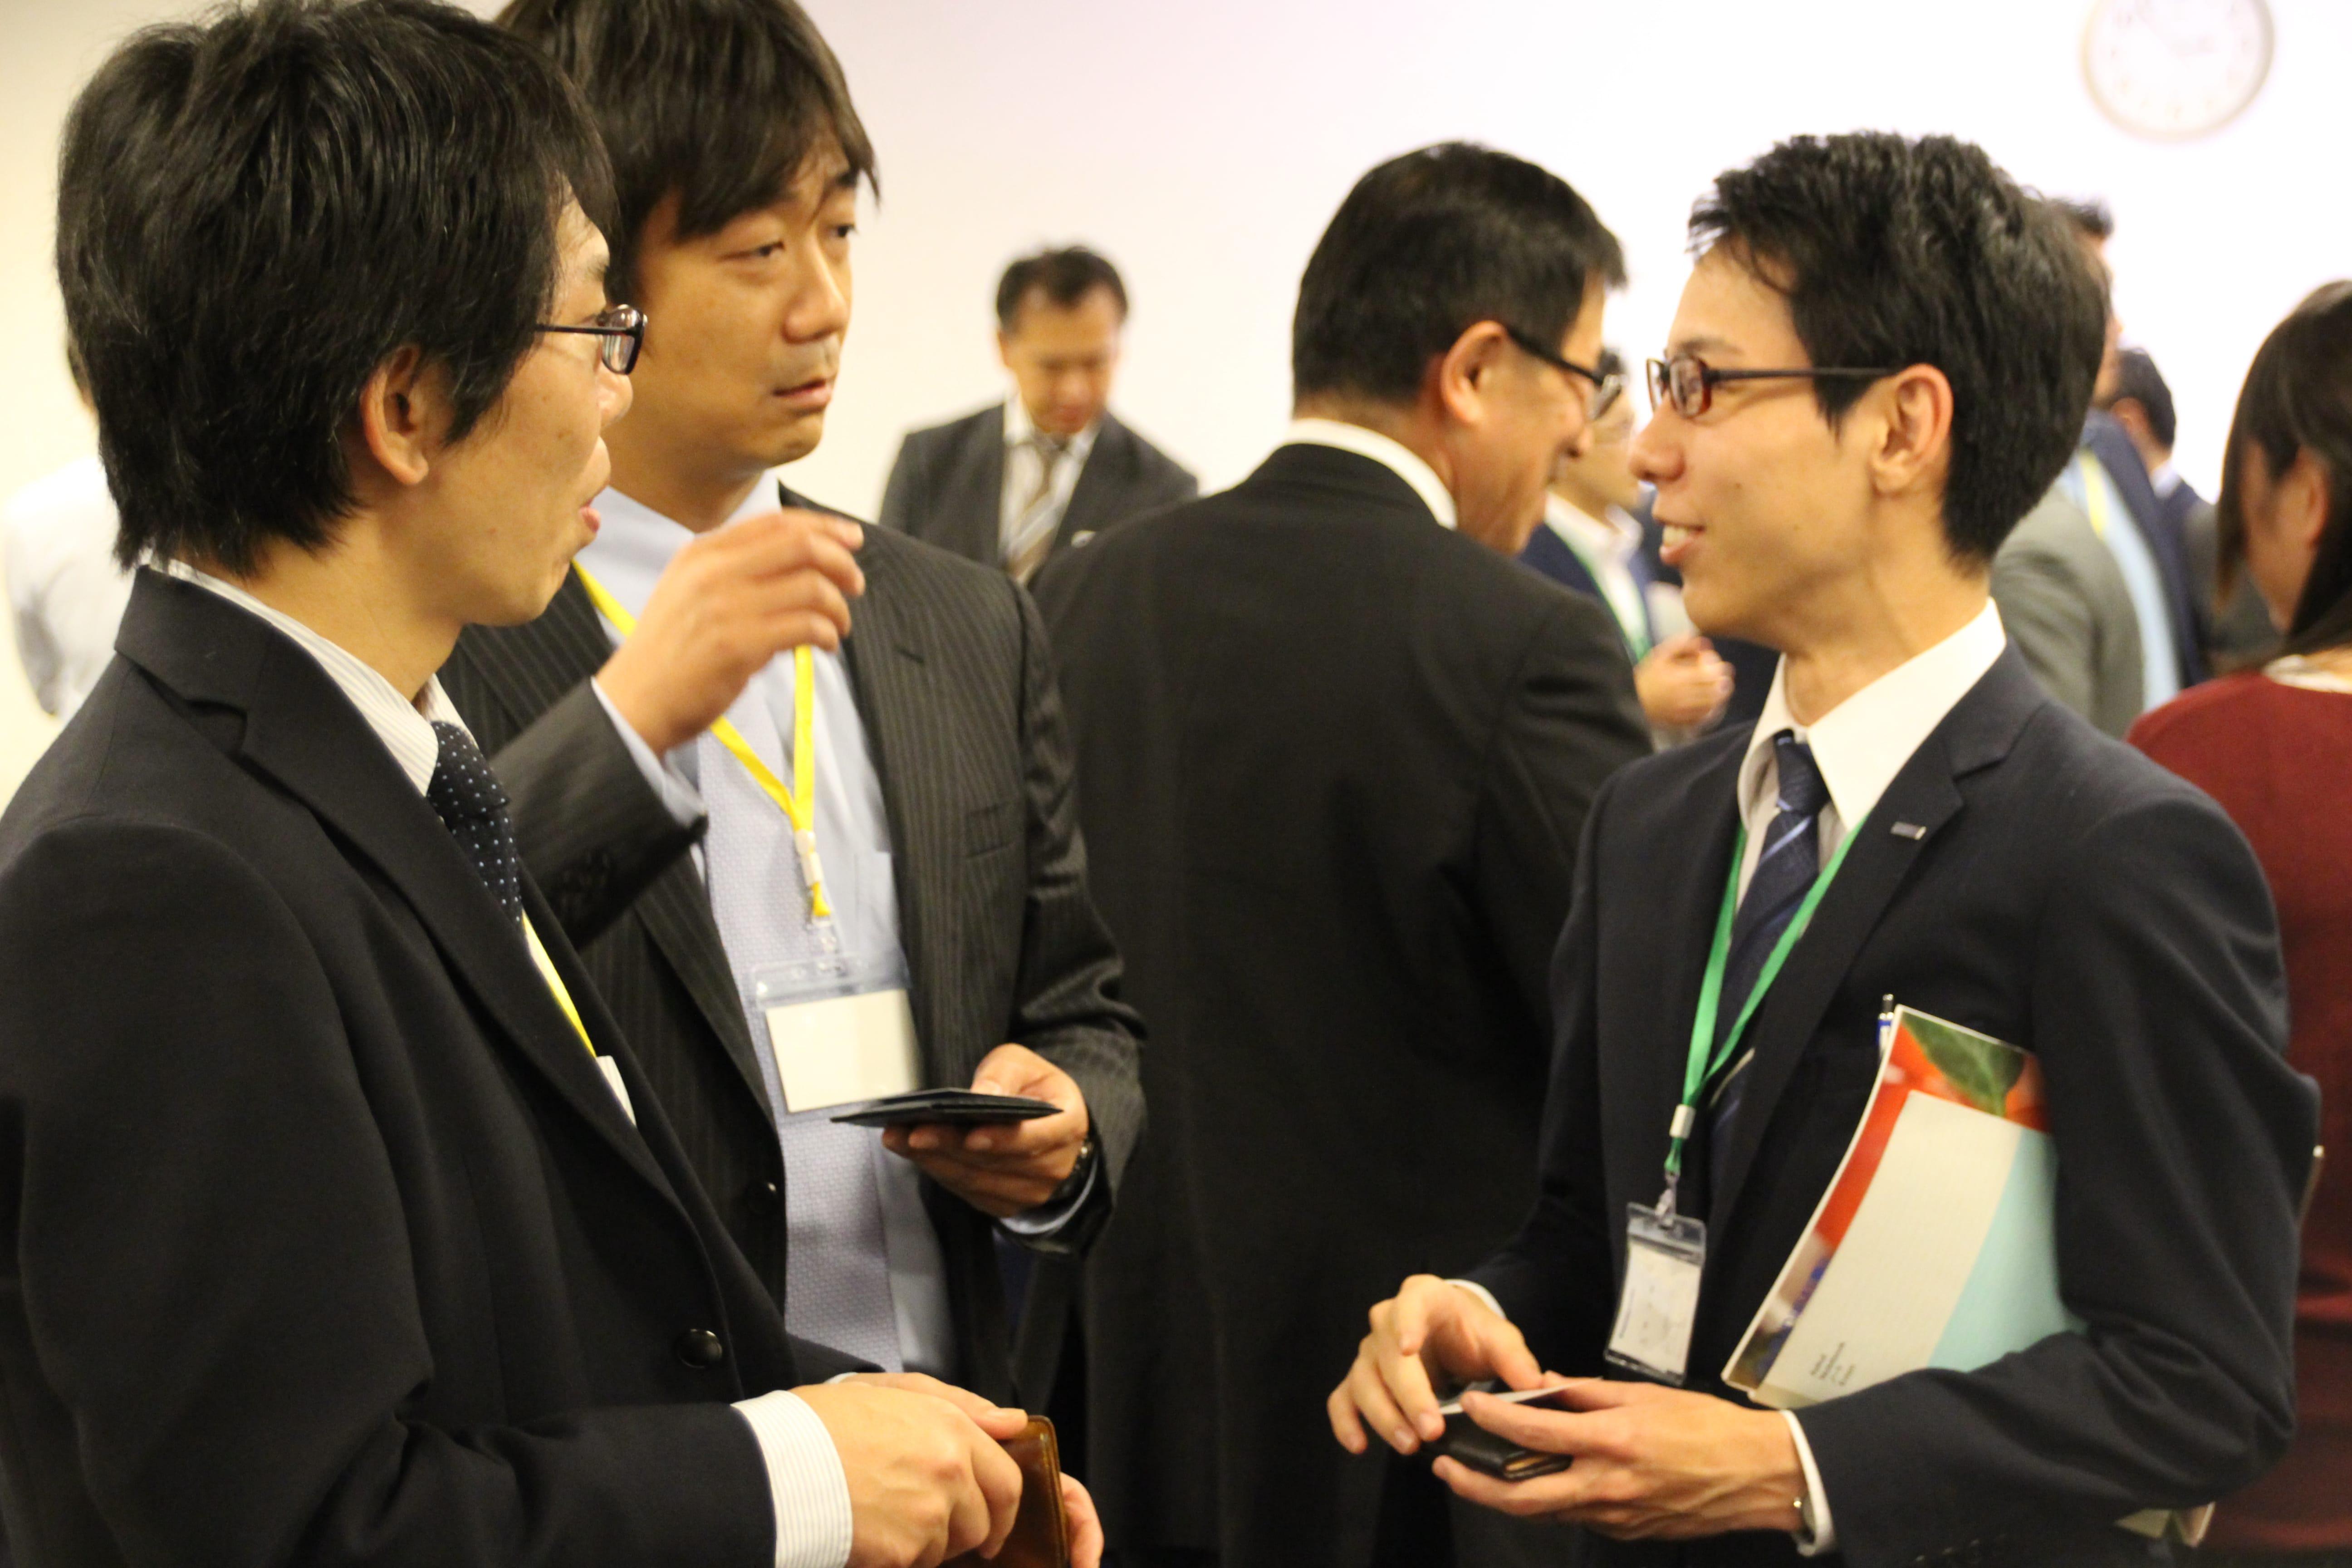 【番外編】最新植物工場セミナー「事業者集合!植物工場カンファレンス」